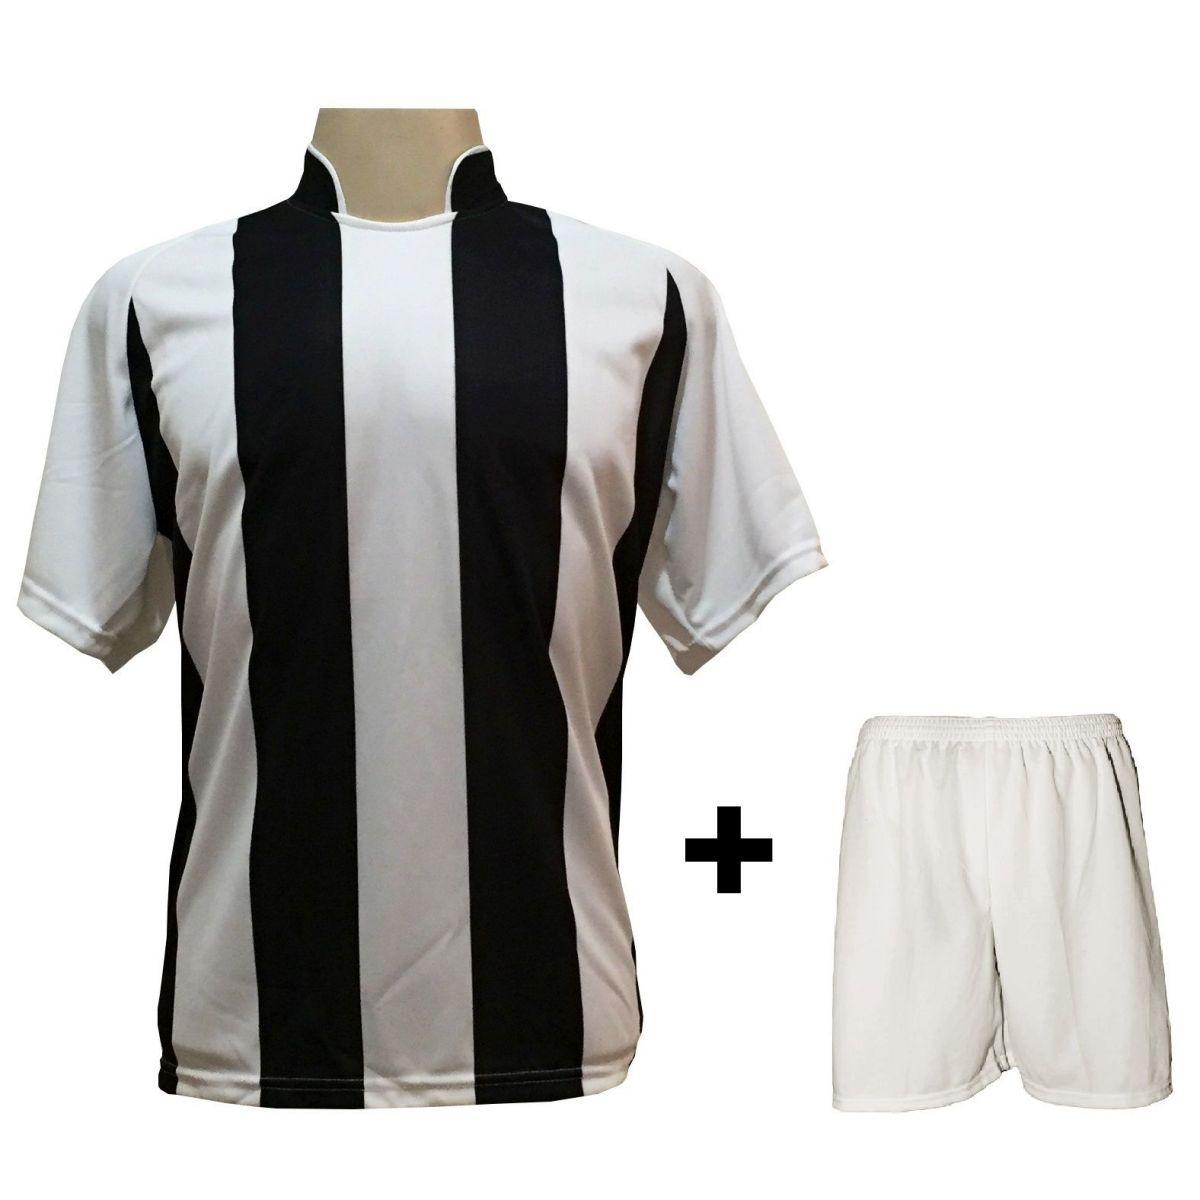 Camisa + Calção + Goleiro · Kits com 12 + 1. zoom 1c261f07dc9d0